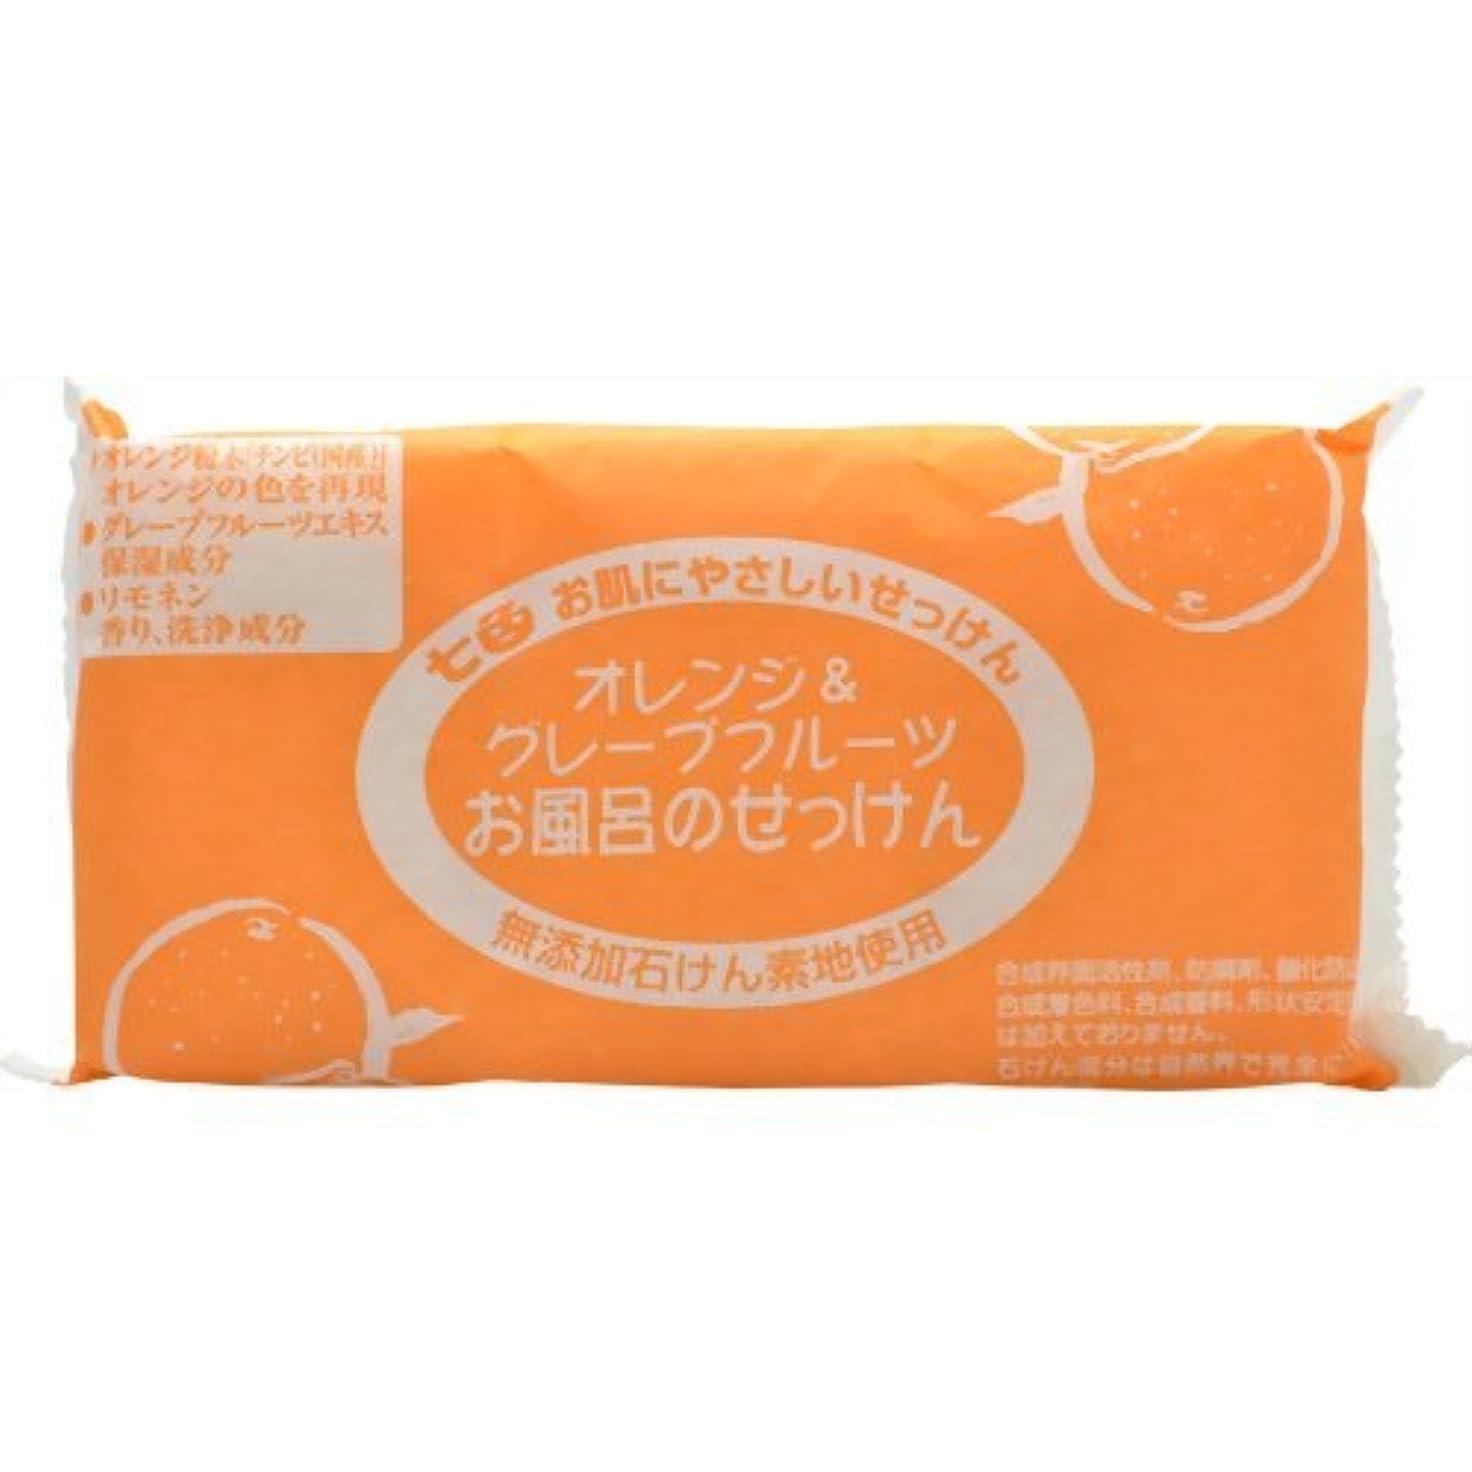 行為モットー崖まるは オレンジ&グレープフルーツ お風呂の石鹸 3個入り